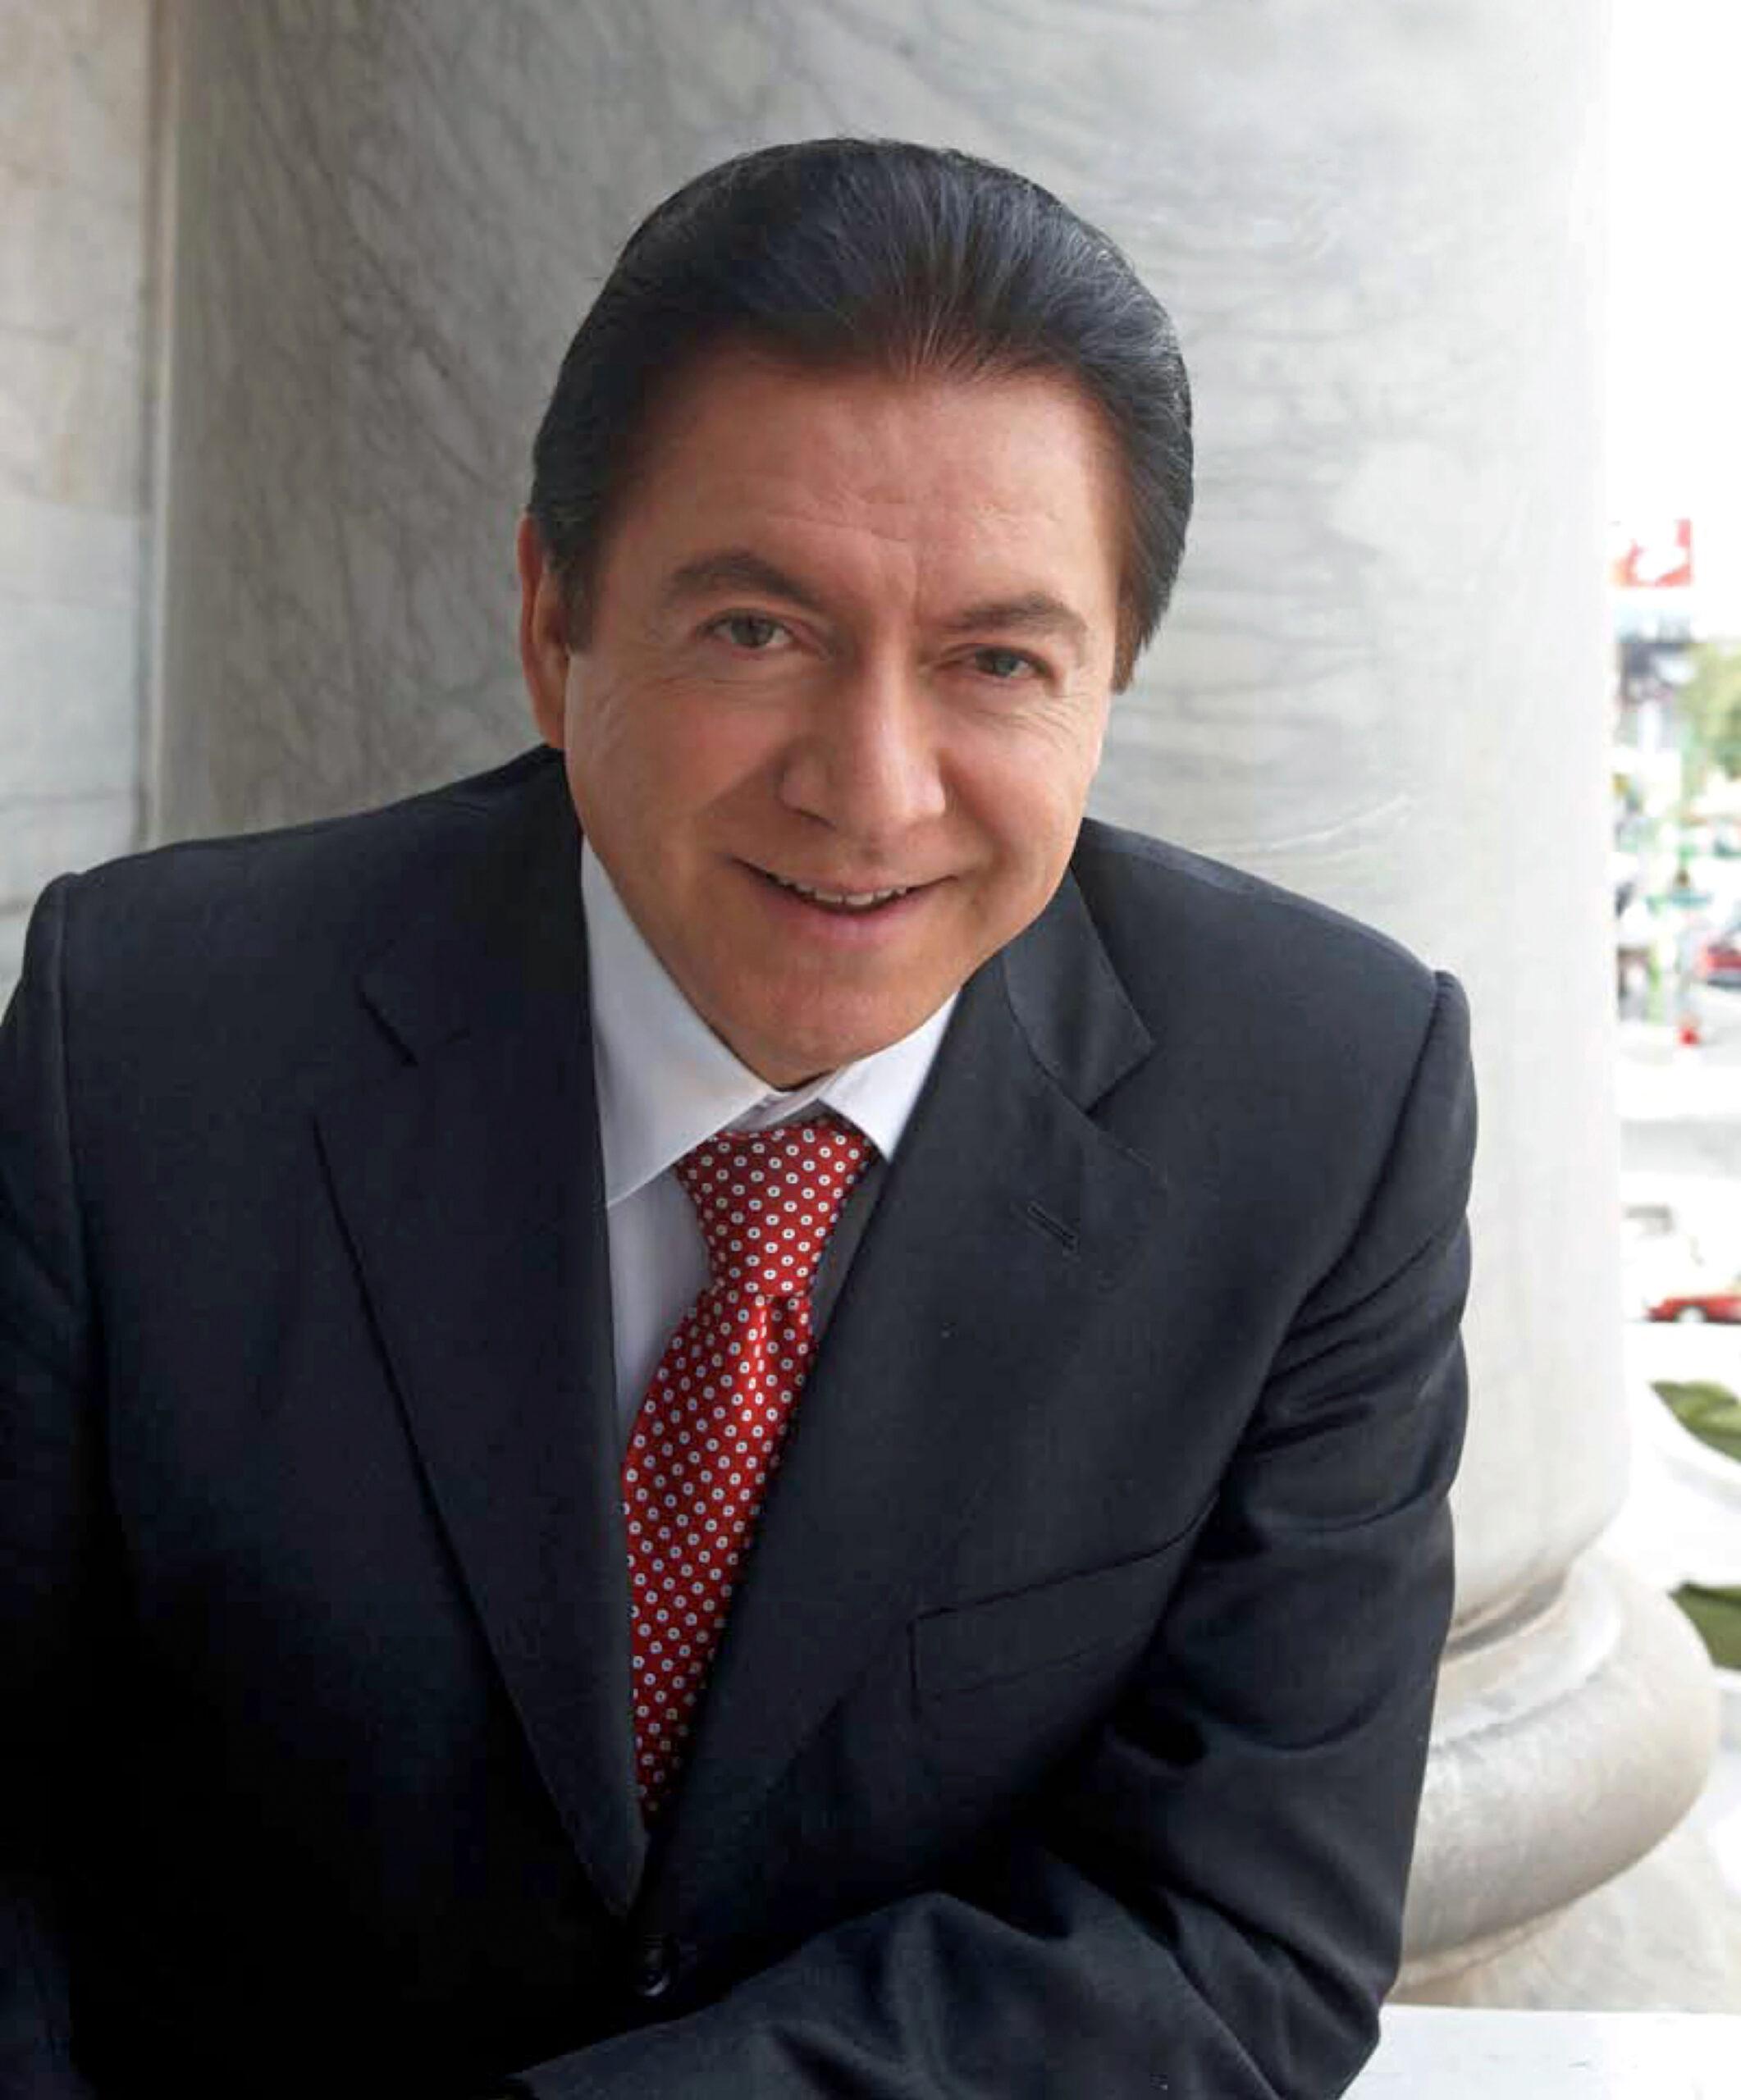 El tenor mexicano Francisco Araiza asume la presidencia del jurado del VIII Concurso Internacional de Canto Alfredo Kraus